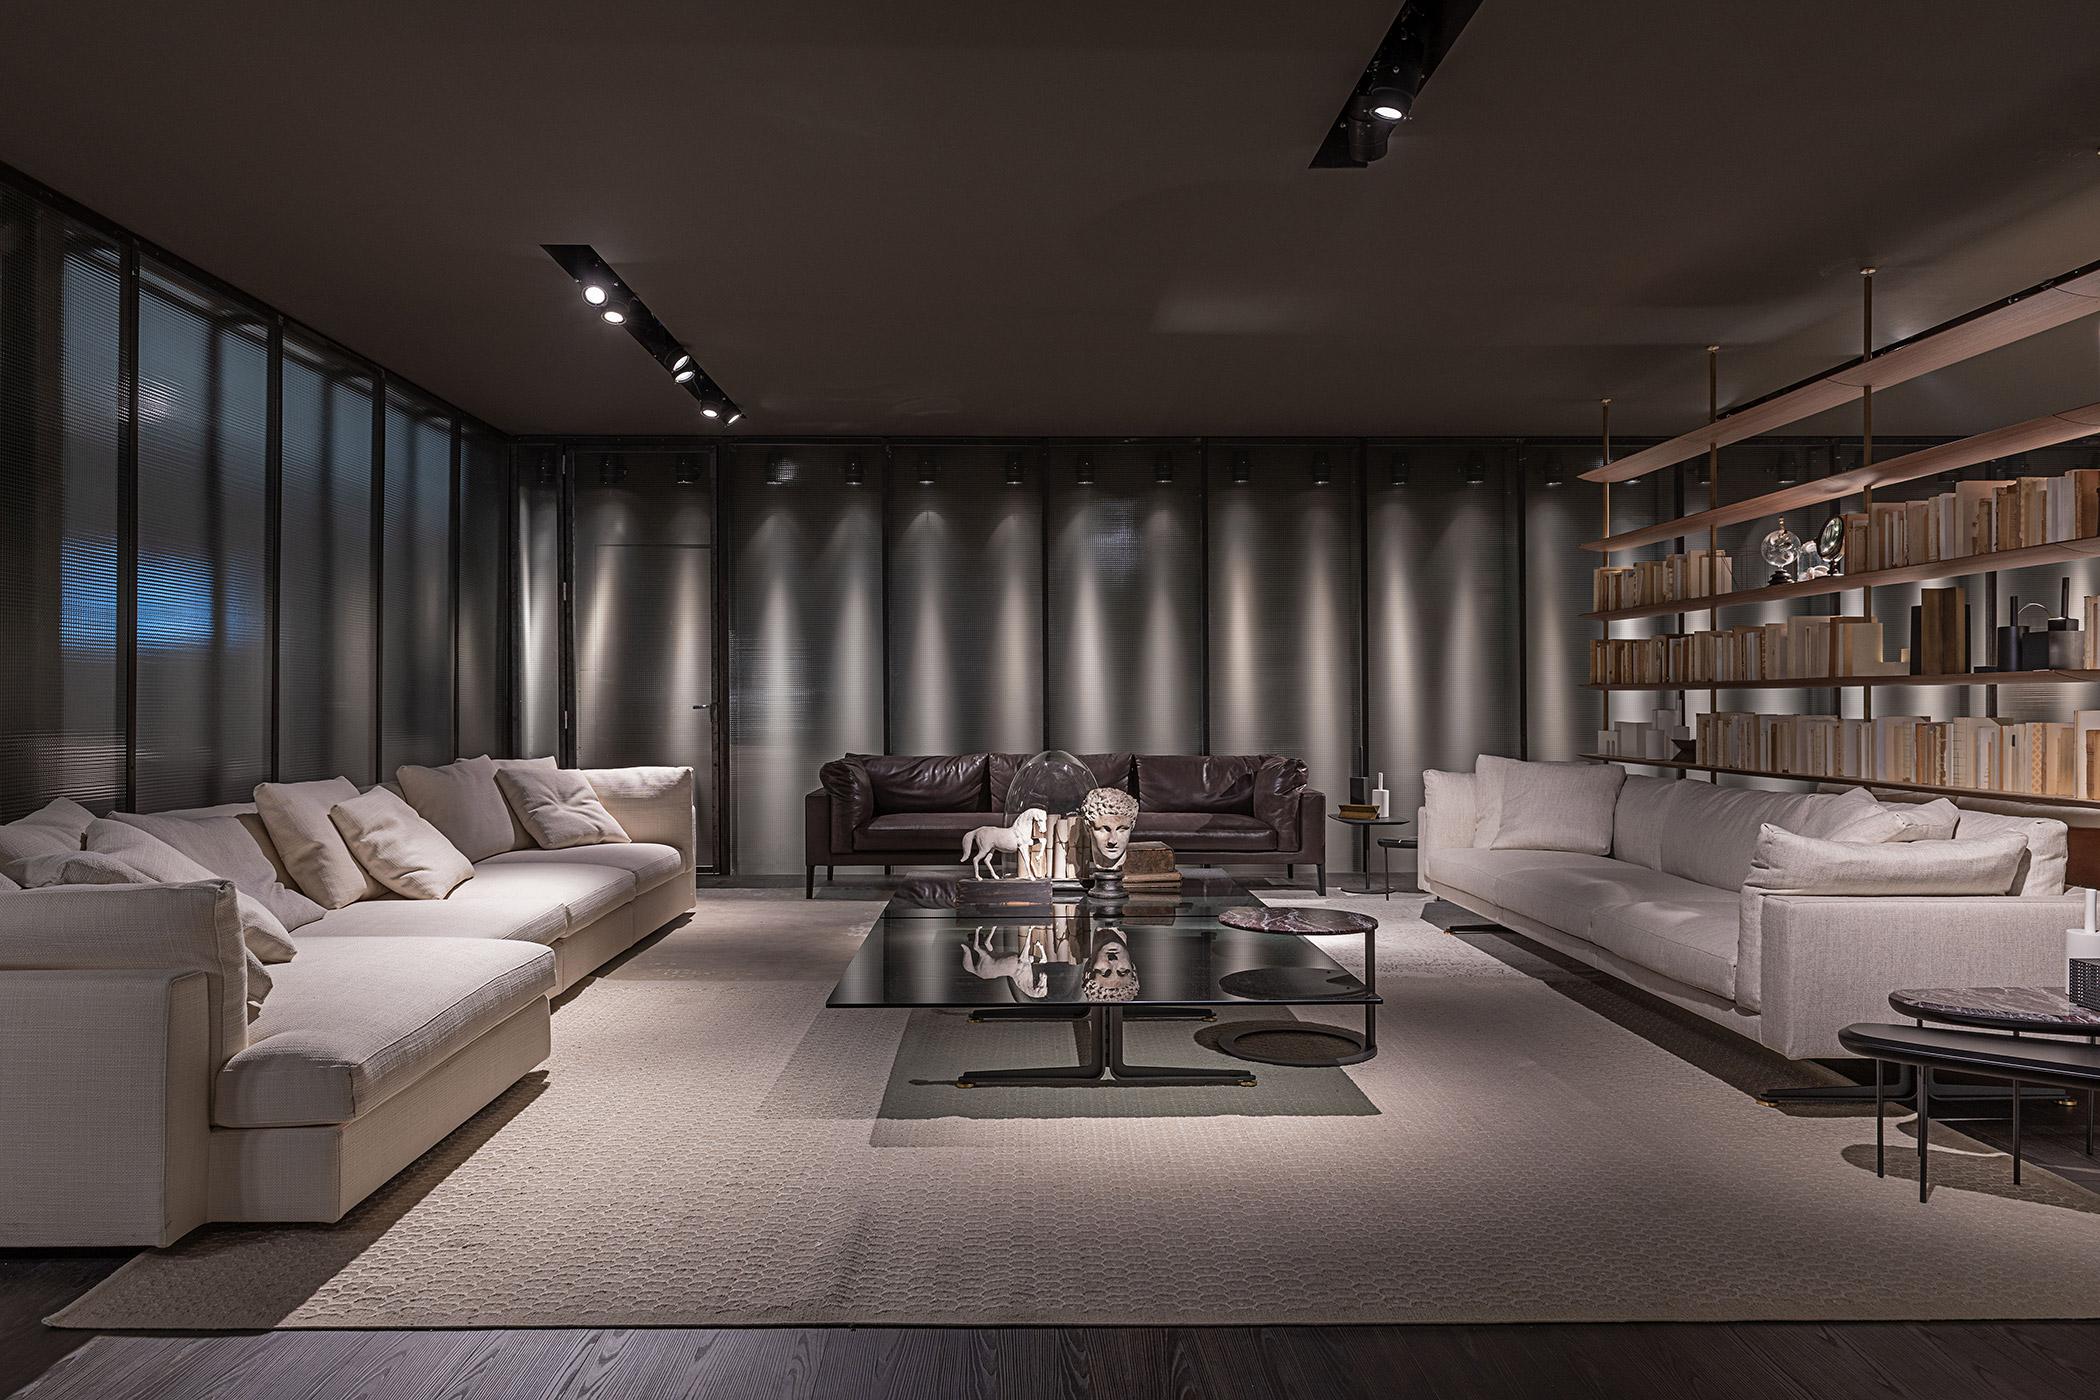 1-INTERNO-CHIMENTI-Living-Salone-Milano-2019